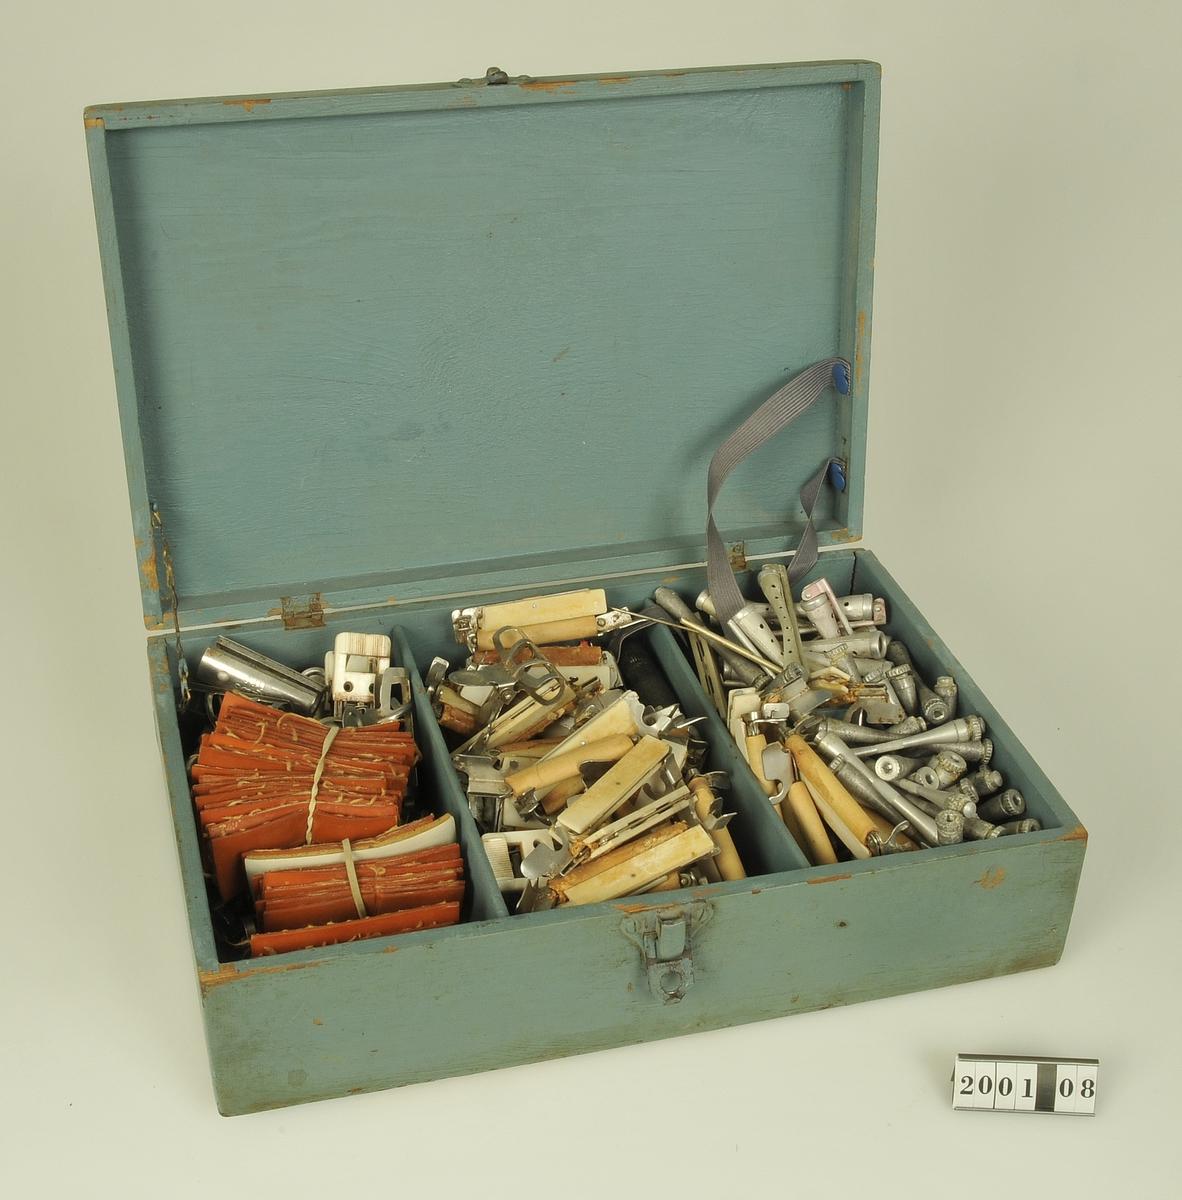 Grågrön trälåda som innehåller spolar, klämmor,plattor med mera som använts vid hårpermanent.